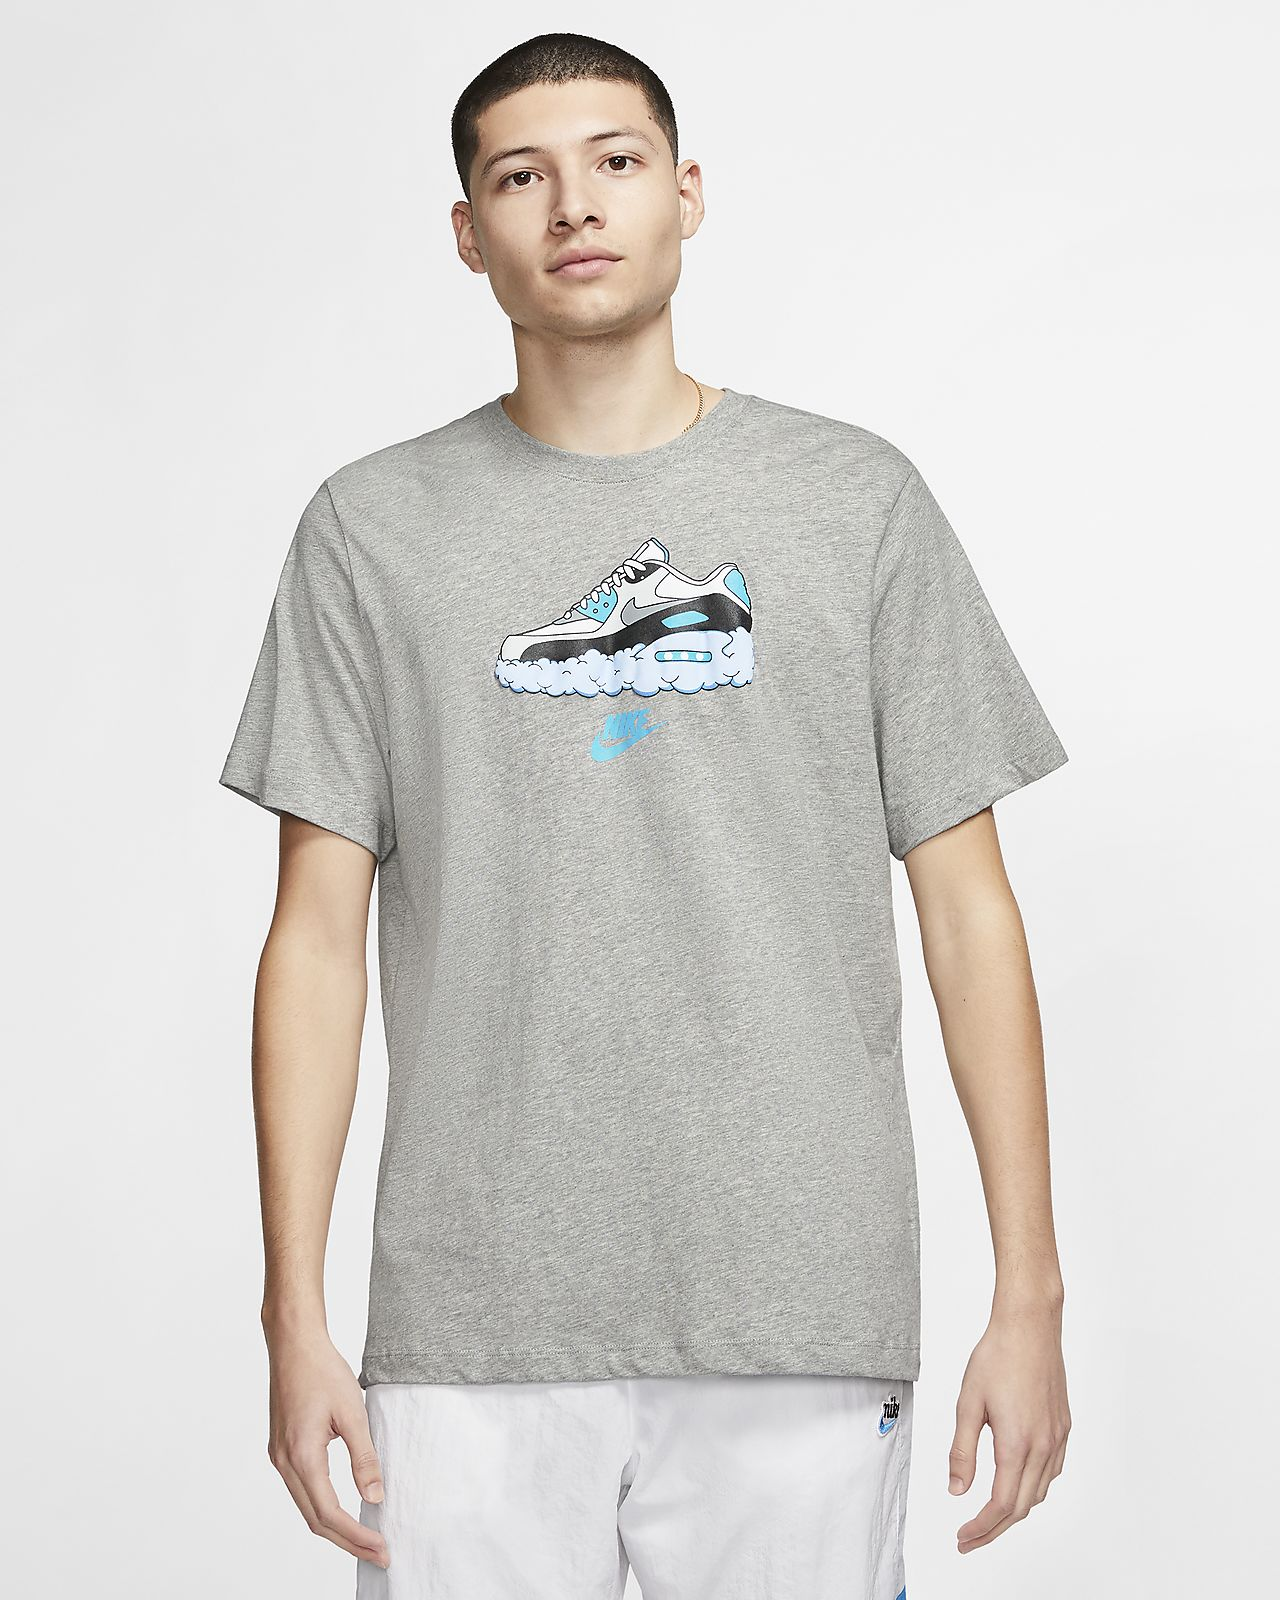 Nike Air Air Max 90 T Shirt für Herren